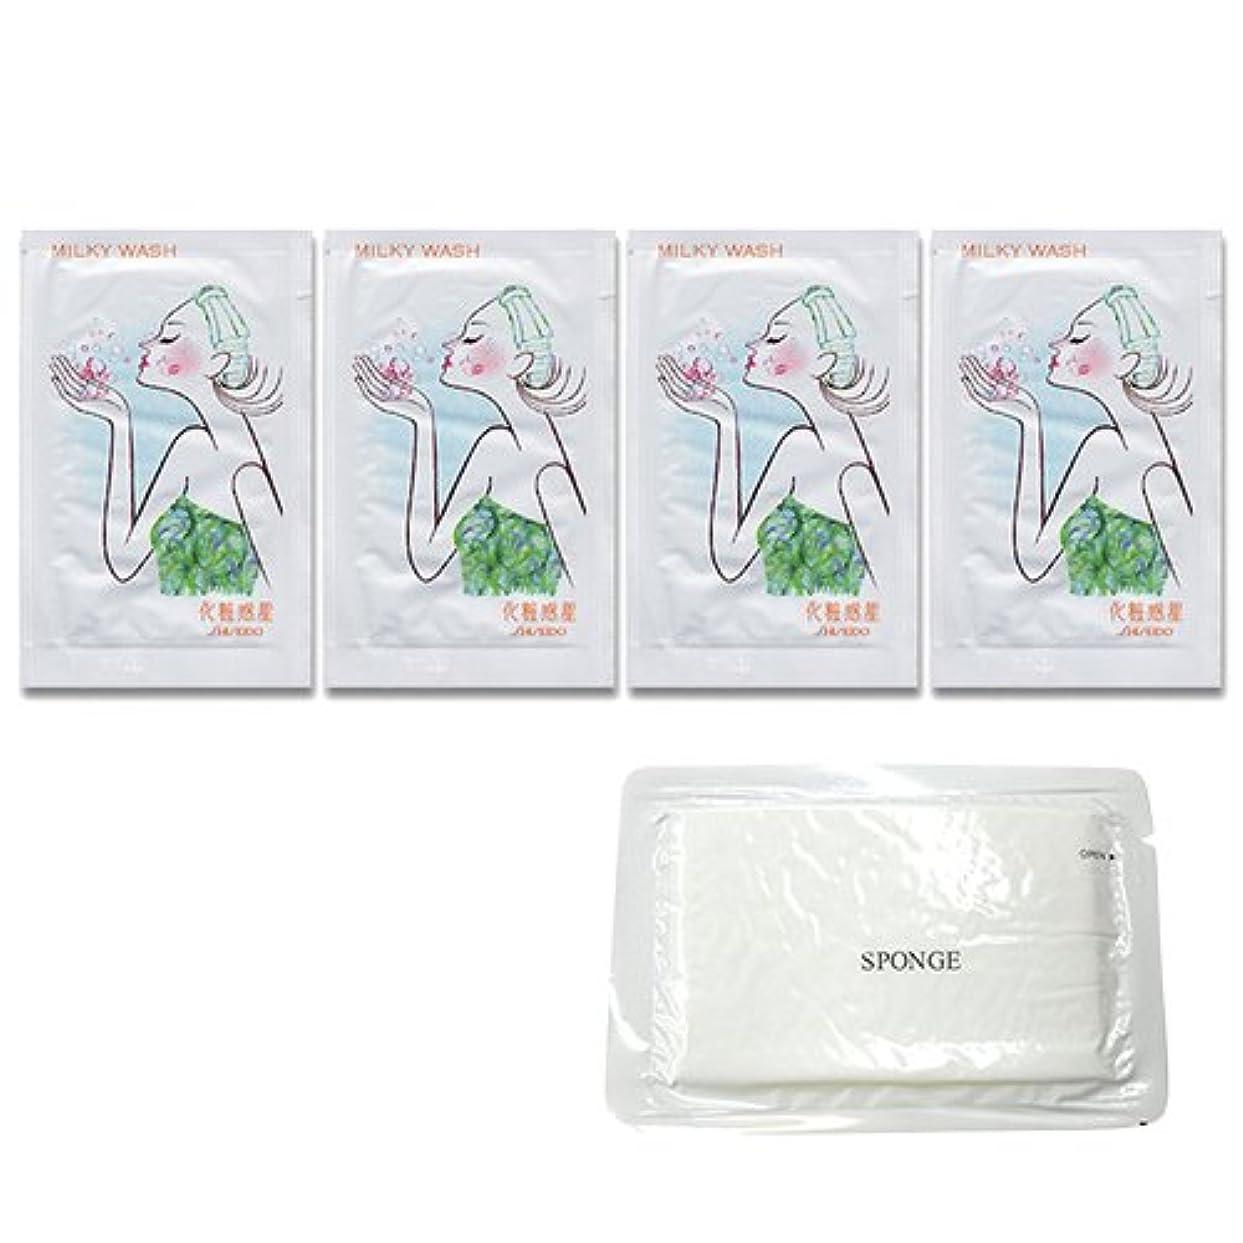 ナインへ翻訳する資生堂 化粧惑星 ミルキーウォッシュ(洗顔料)パウチ 2g × 4個 + 圧縮スポンジセット